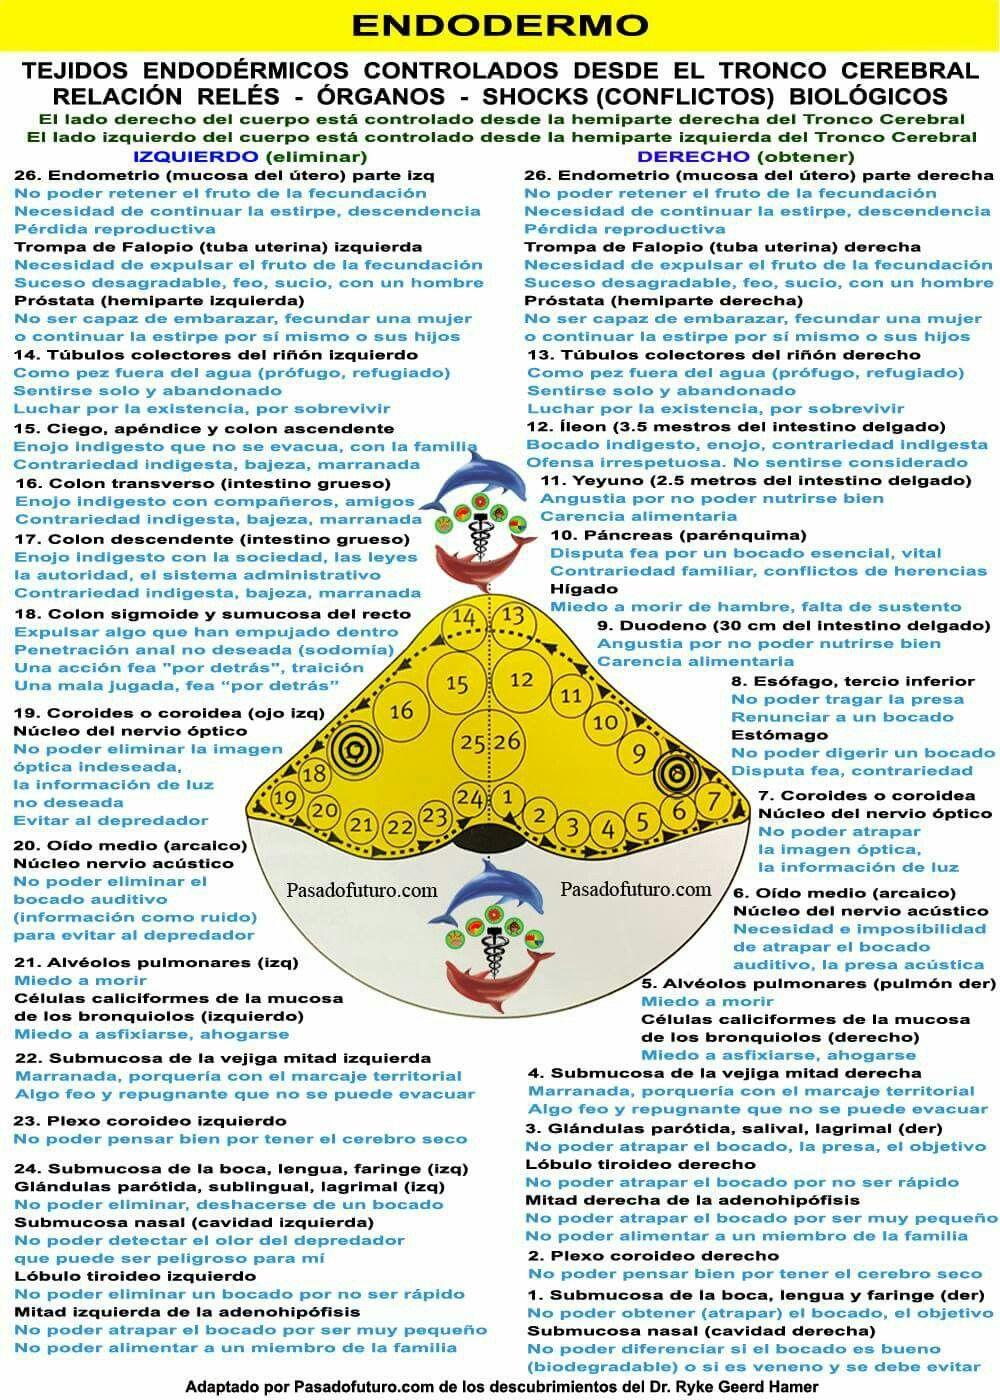 Pin de beatriz en Anatomía | Pinterest | Bioneuroemocion, Tabla y ...